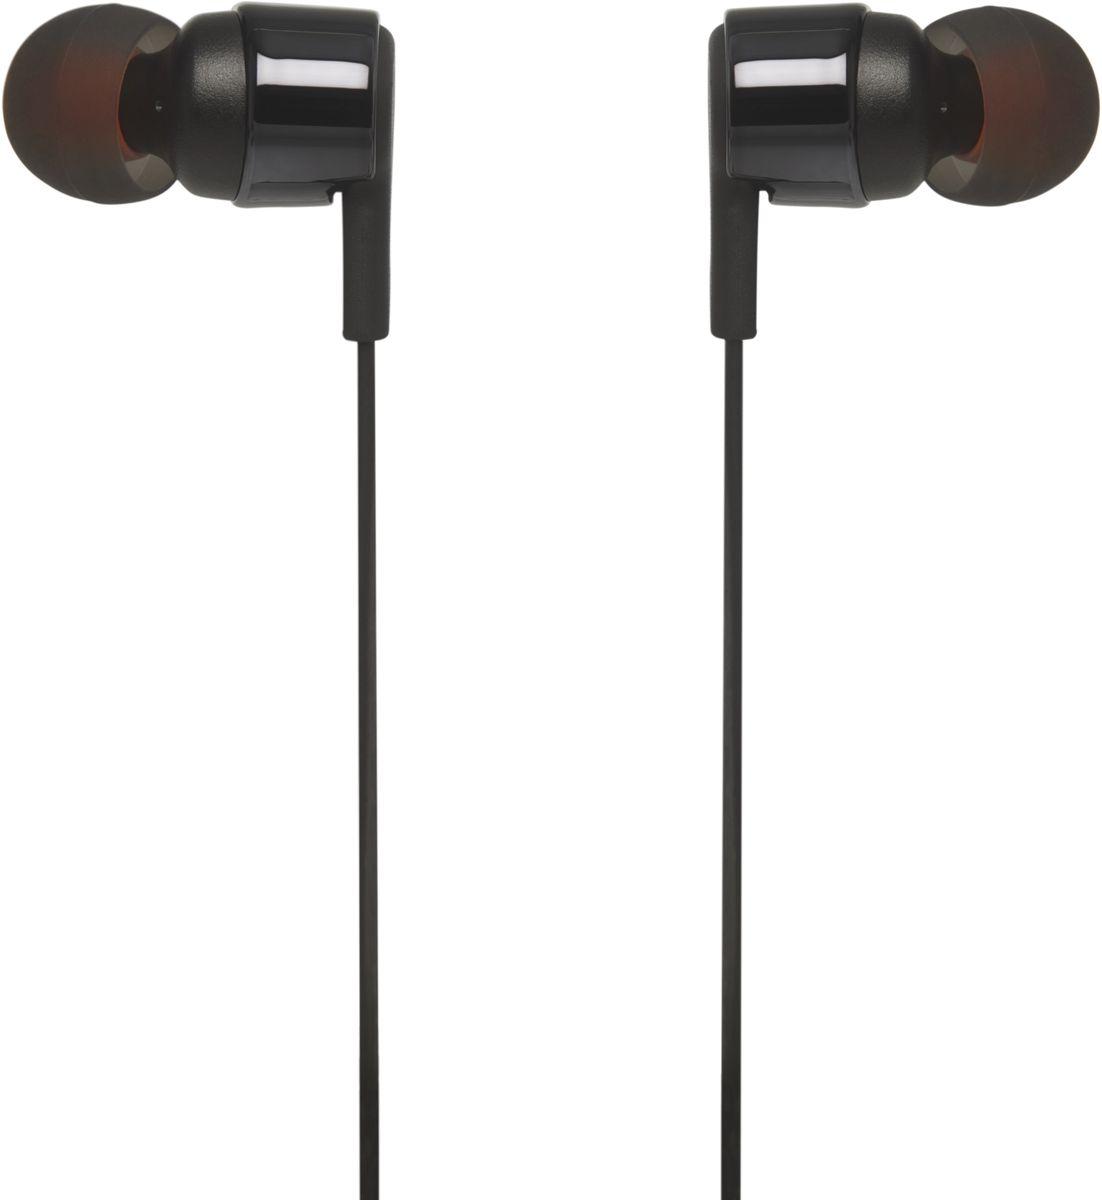 JBL T210, Black наушникиJBLT210BLKПредставляем внутриканальные наушники JBL T210. Они легкие, удобные и компактные. Внутри корпуса ушных вкладышей с металлической отделкой находится пара 8,7-мм динамиков, способных выдавать весьма мощные басы и воспроизводить мощный звук JBL Pure Bass, который можно услышать в концертных залах, на спортивных аренах и в звукозаписывающих студиях по всему миру. Кроме того, однокнопочный пульт позволяет управлять воспроизведением музыки, а также отвечать на звонки с помощью встроенного микрофона. Все это делает модель T210 удобным партнером для повседневного использования на работе, дома и в дороге.